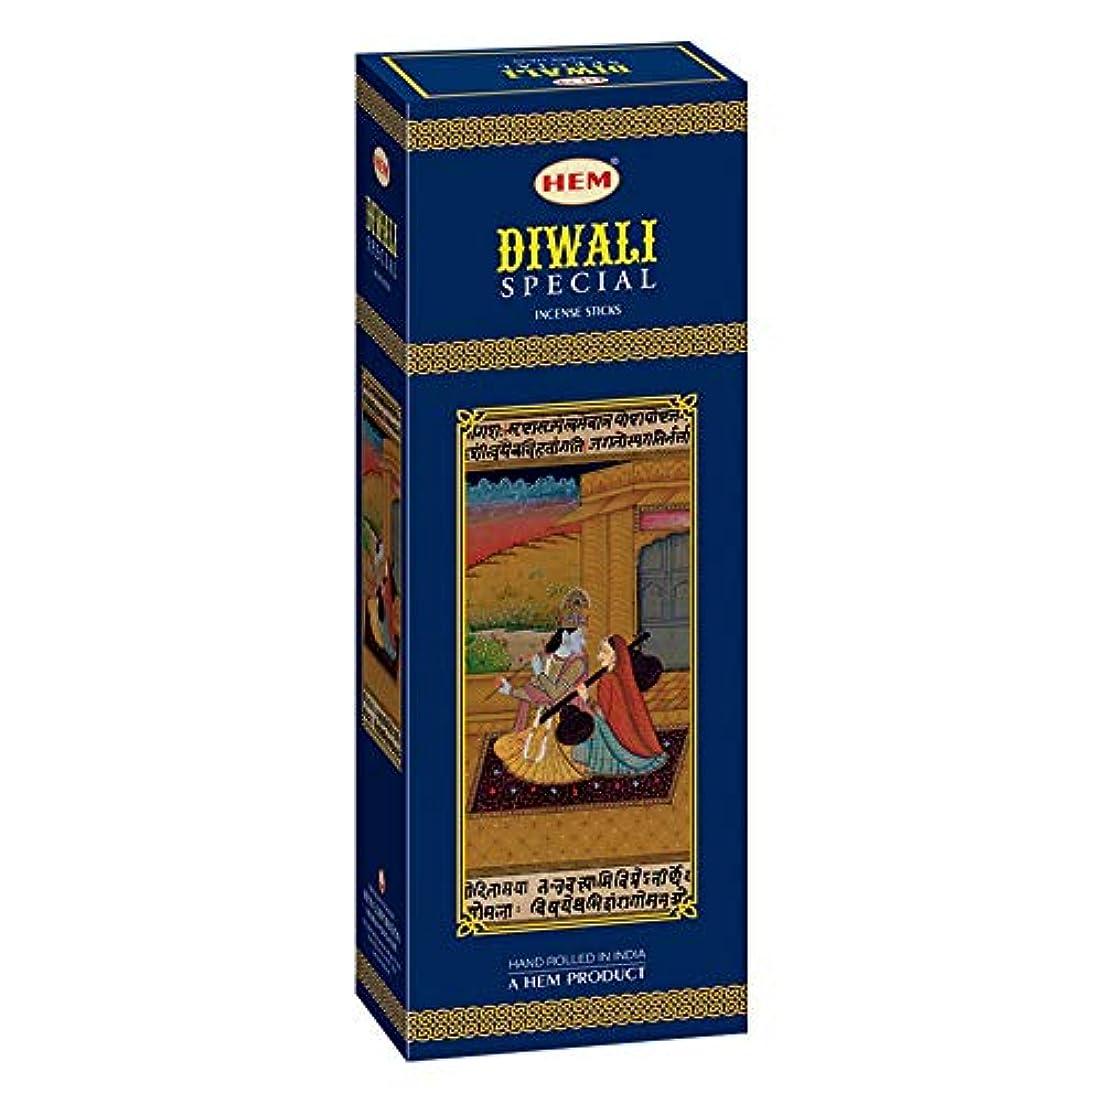 トピック異常な剛性Hem Diwali Special Incense Sticks(9.3 cm X 6.0 cm X 25.5cm, Black)